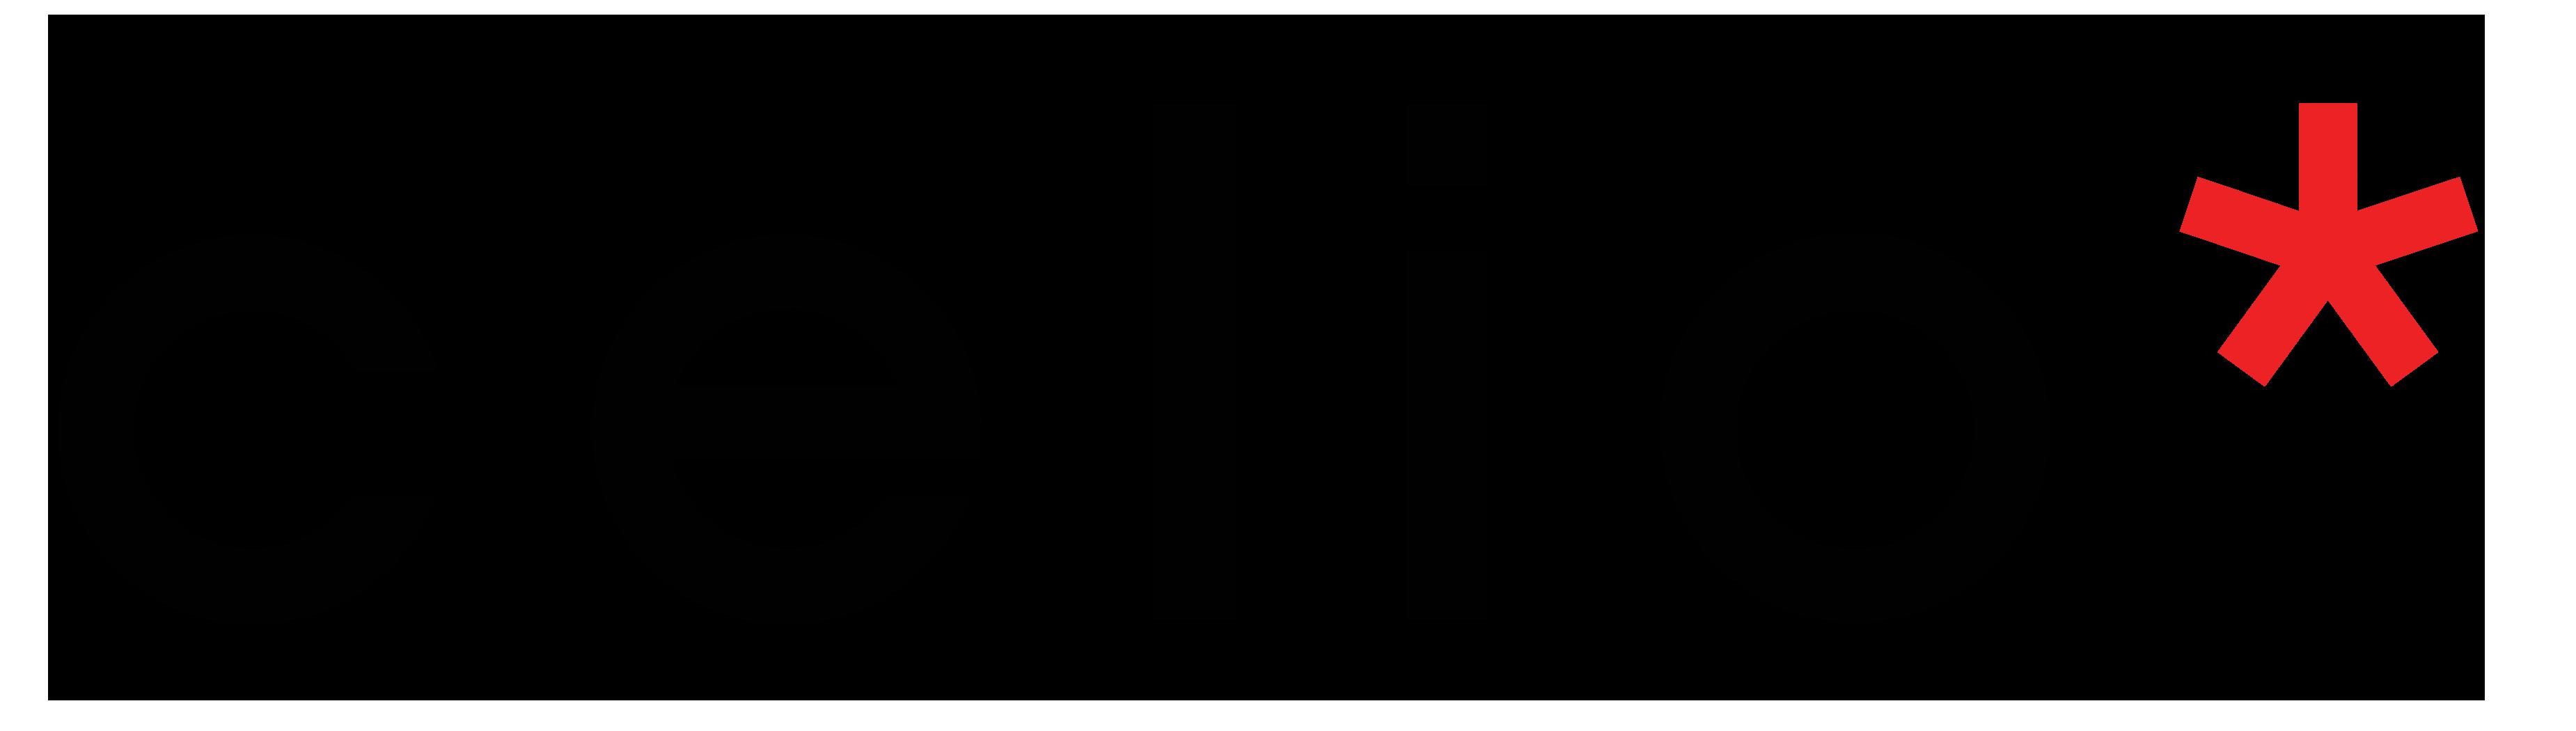 Code promo Celio* : 15% de réduction sur votre commande (hors underwear)